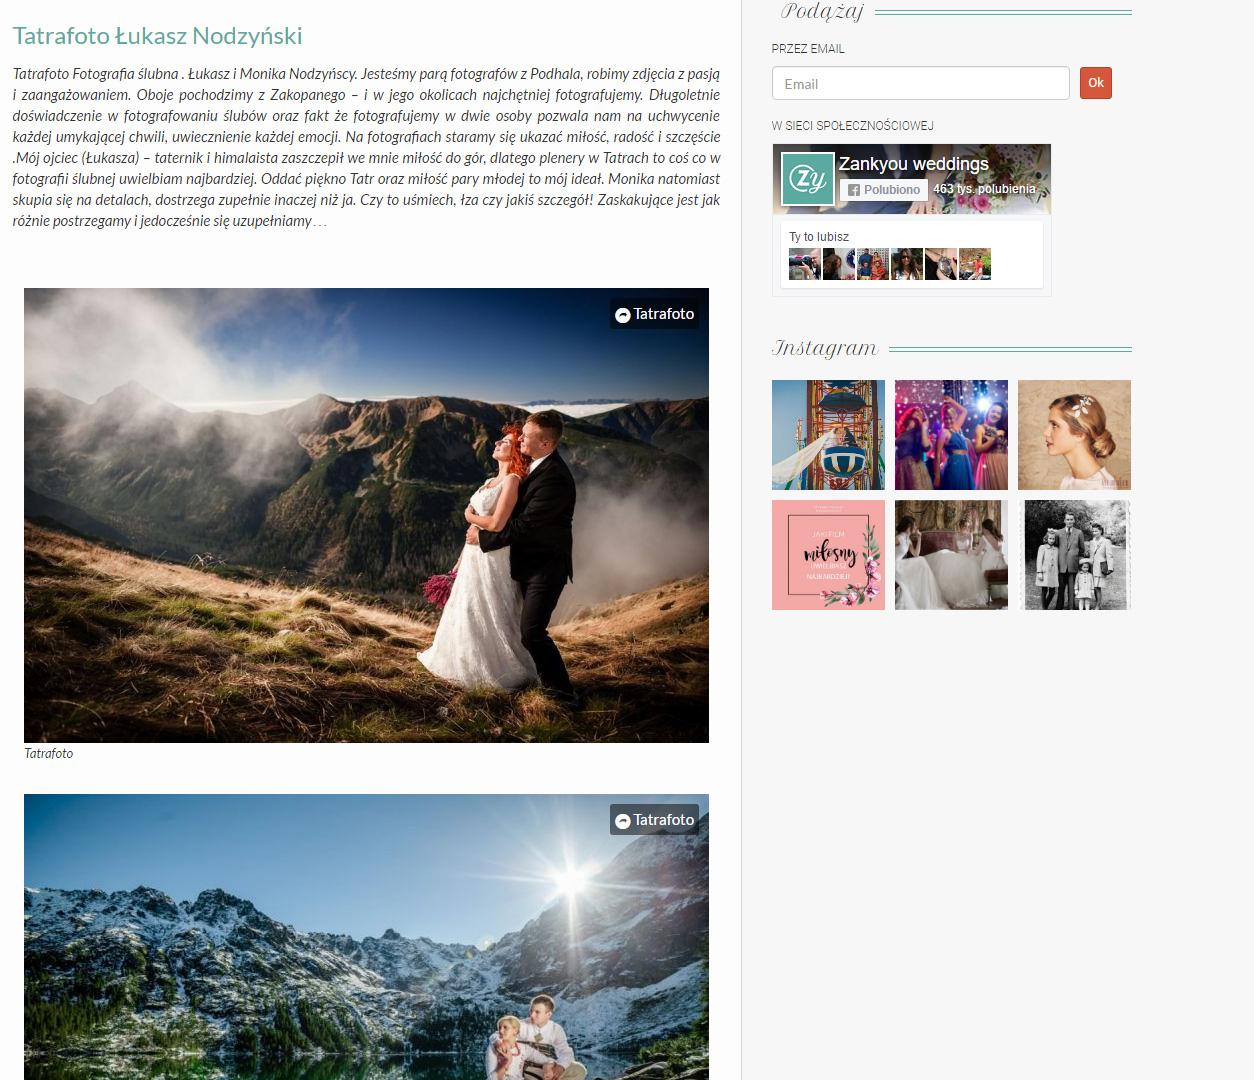 Najlepszy fotograf ślubny na Podhalu według Zankyou